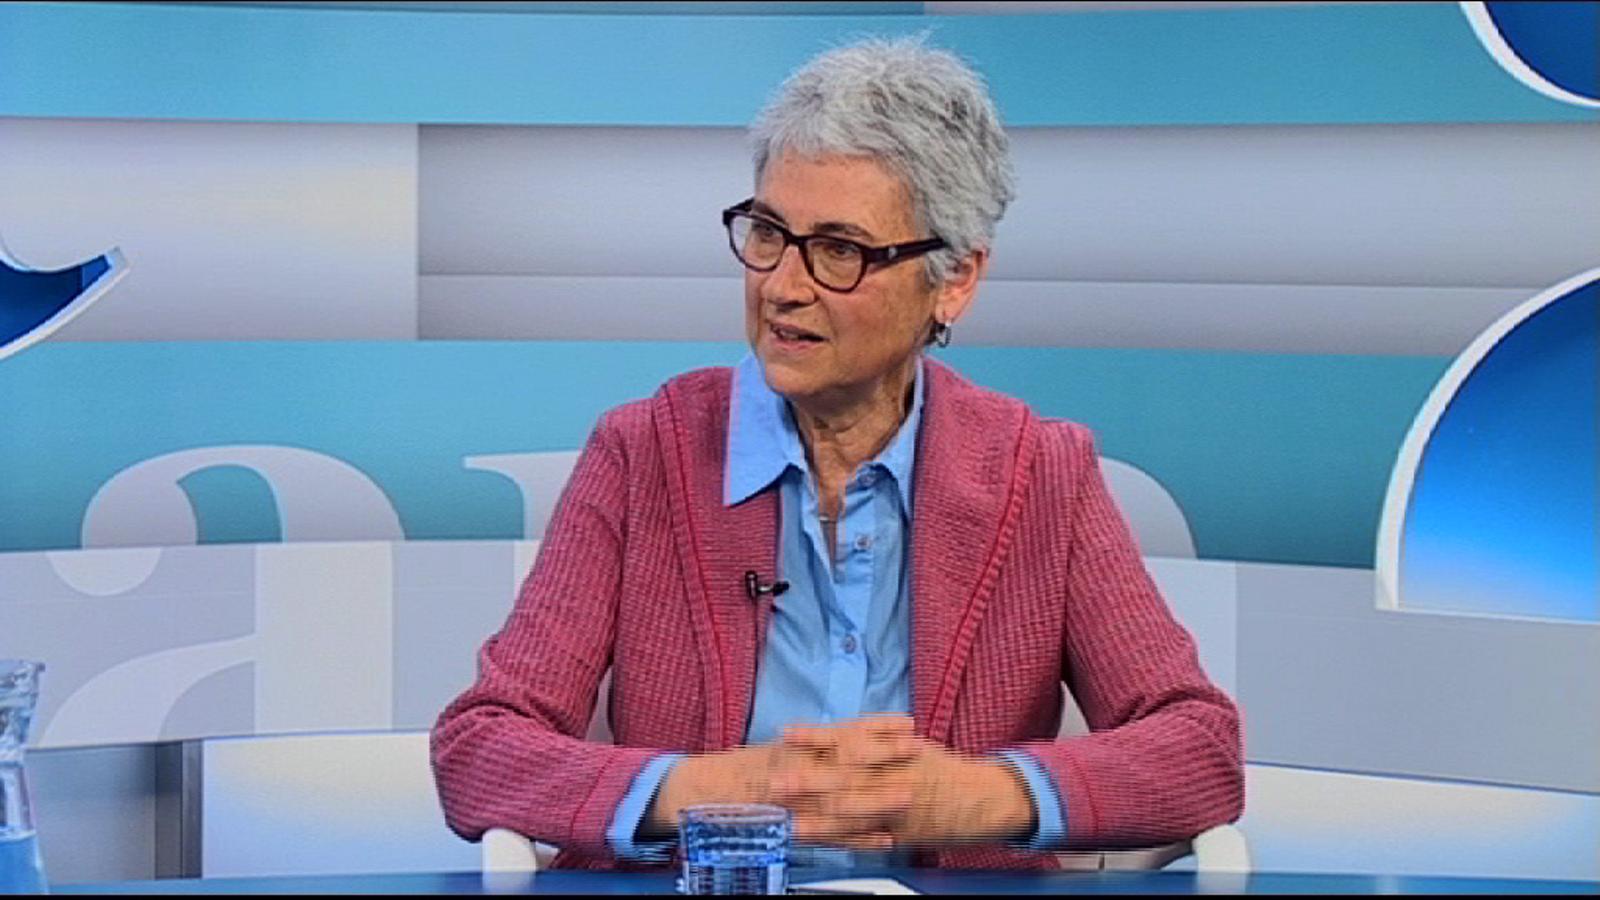 Muriel Casals: En el pressupost actual d'Òmnium, la subvenció pública té un pes cada vegada més baix